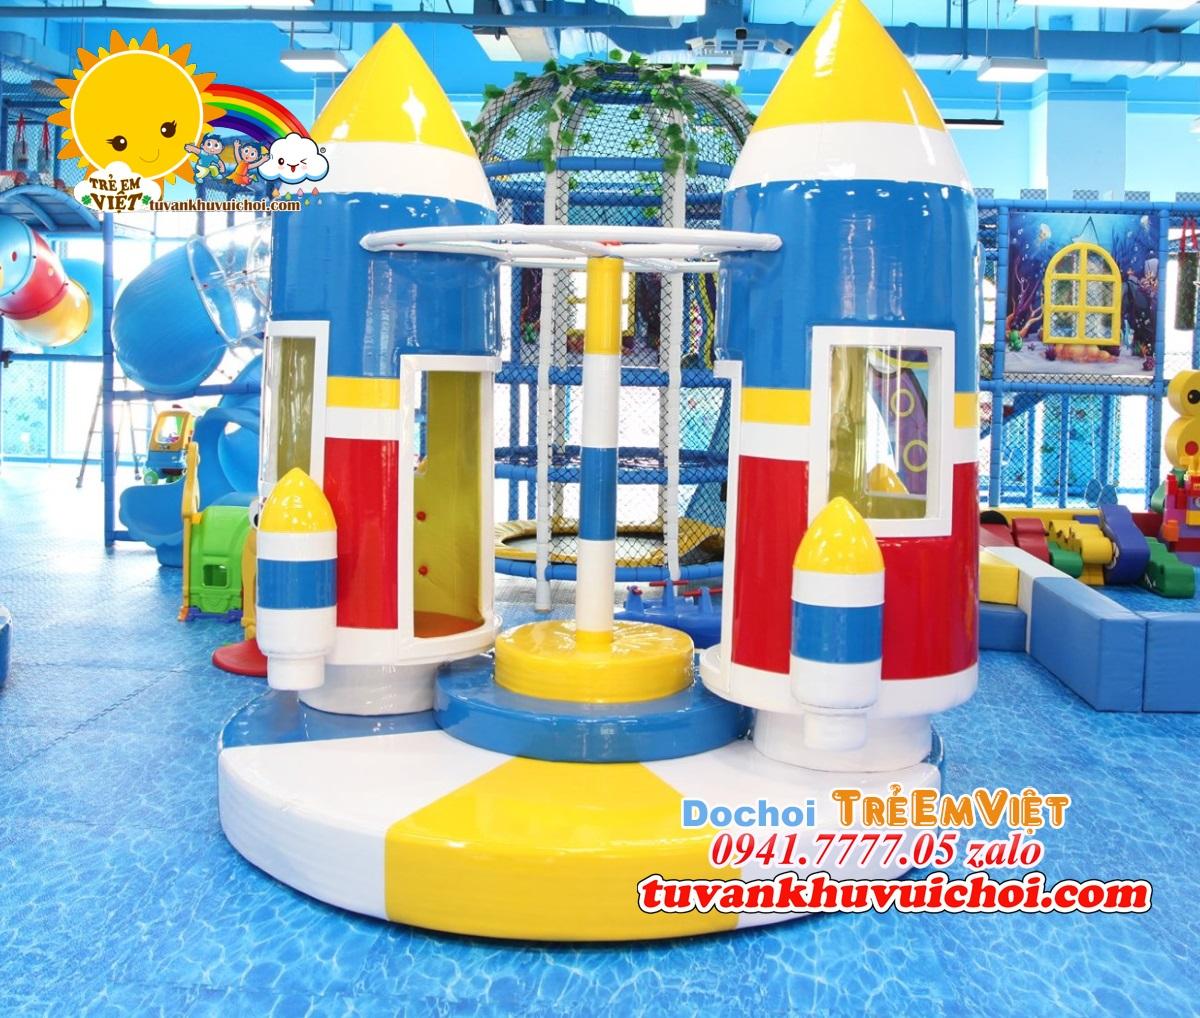 Mâm xoay tên lửa được chọn lựa SETUP cho khu vui chơi liên hoàn tone đại dương.